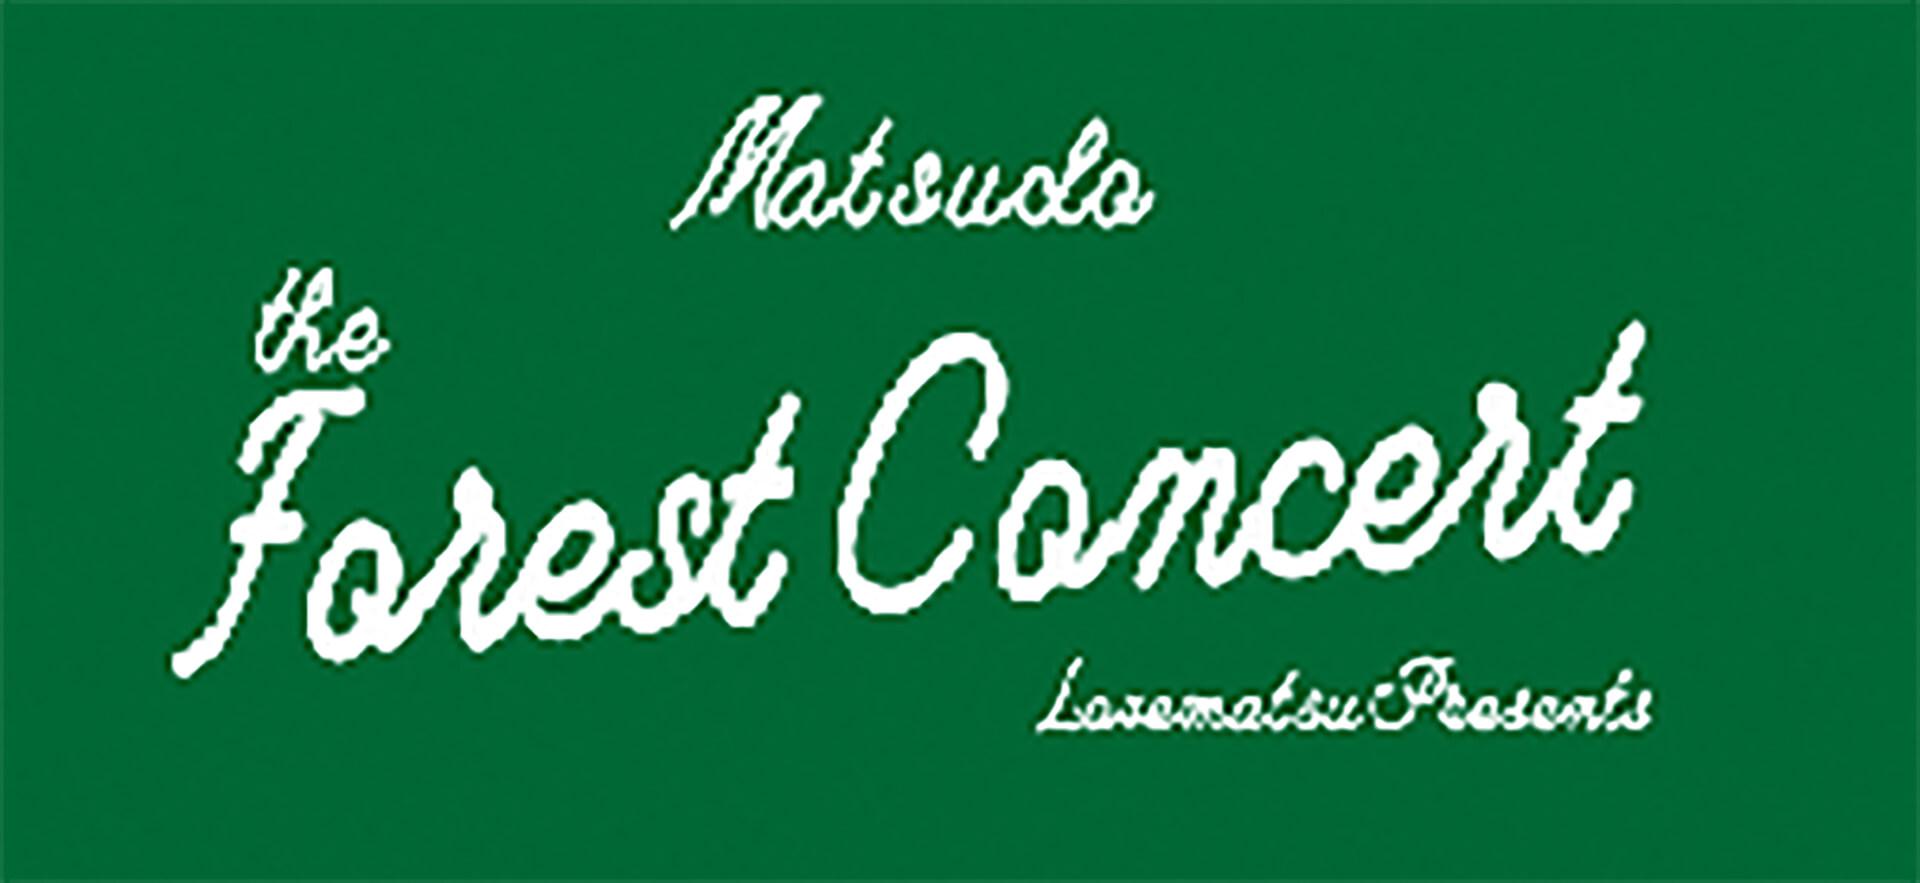 松戸フォレストコンサートロゴ